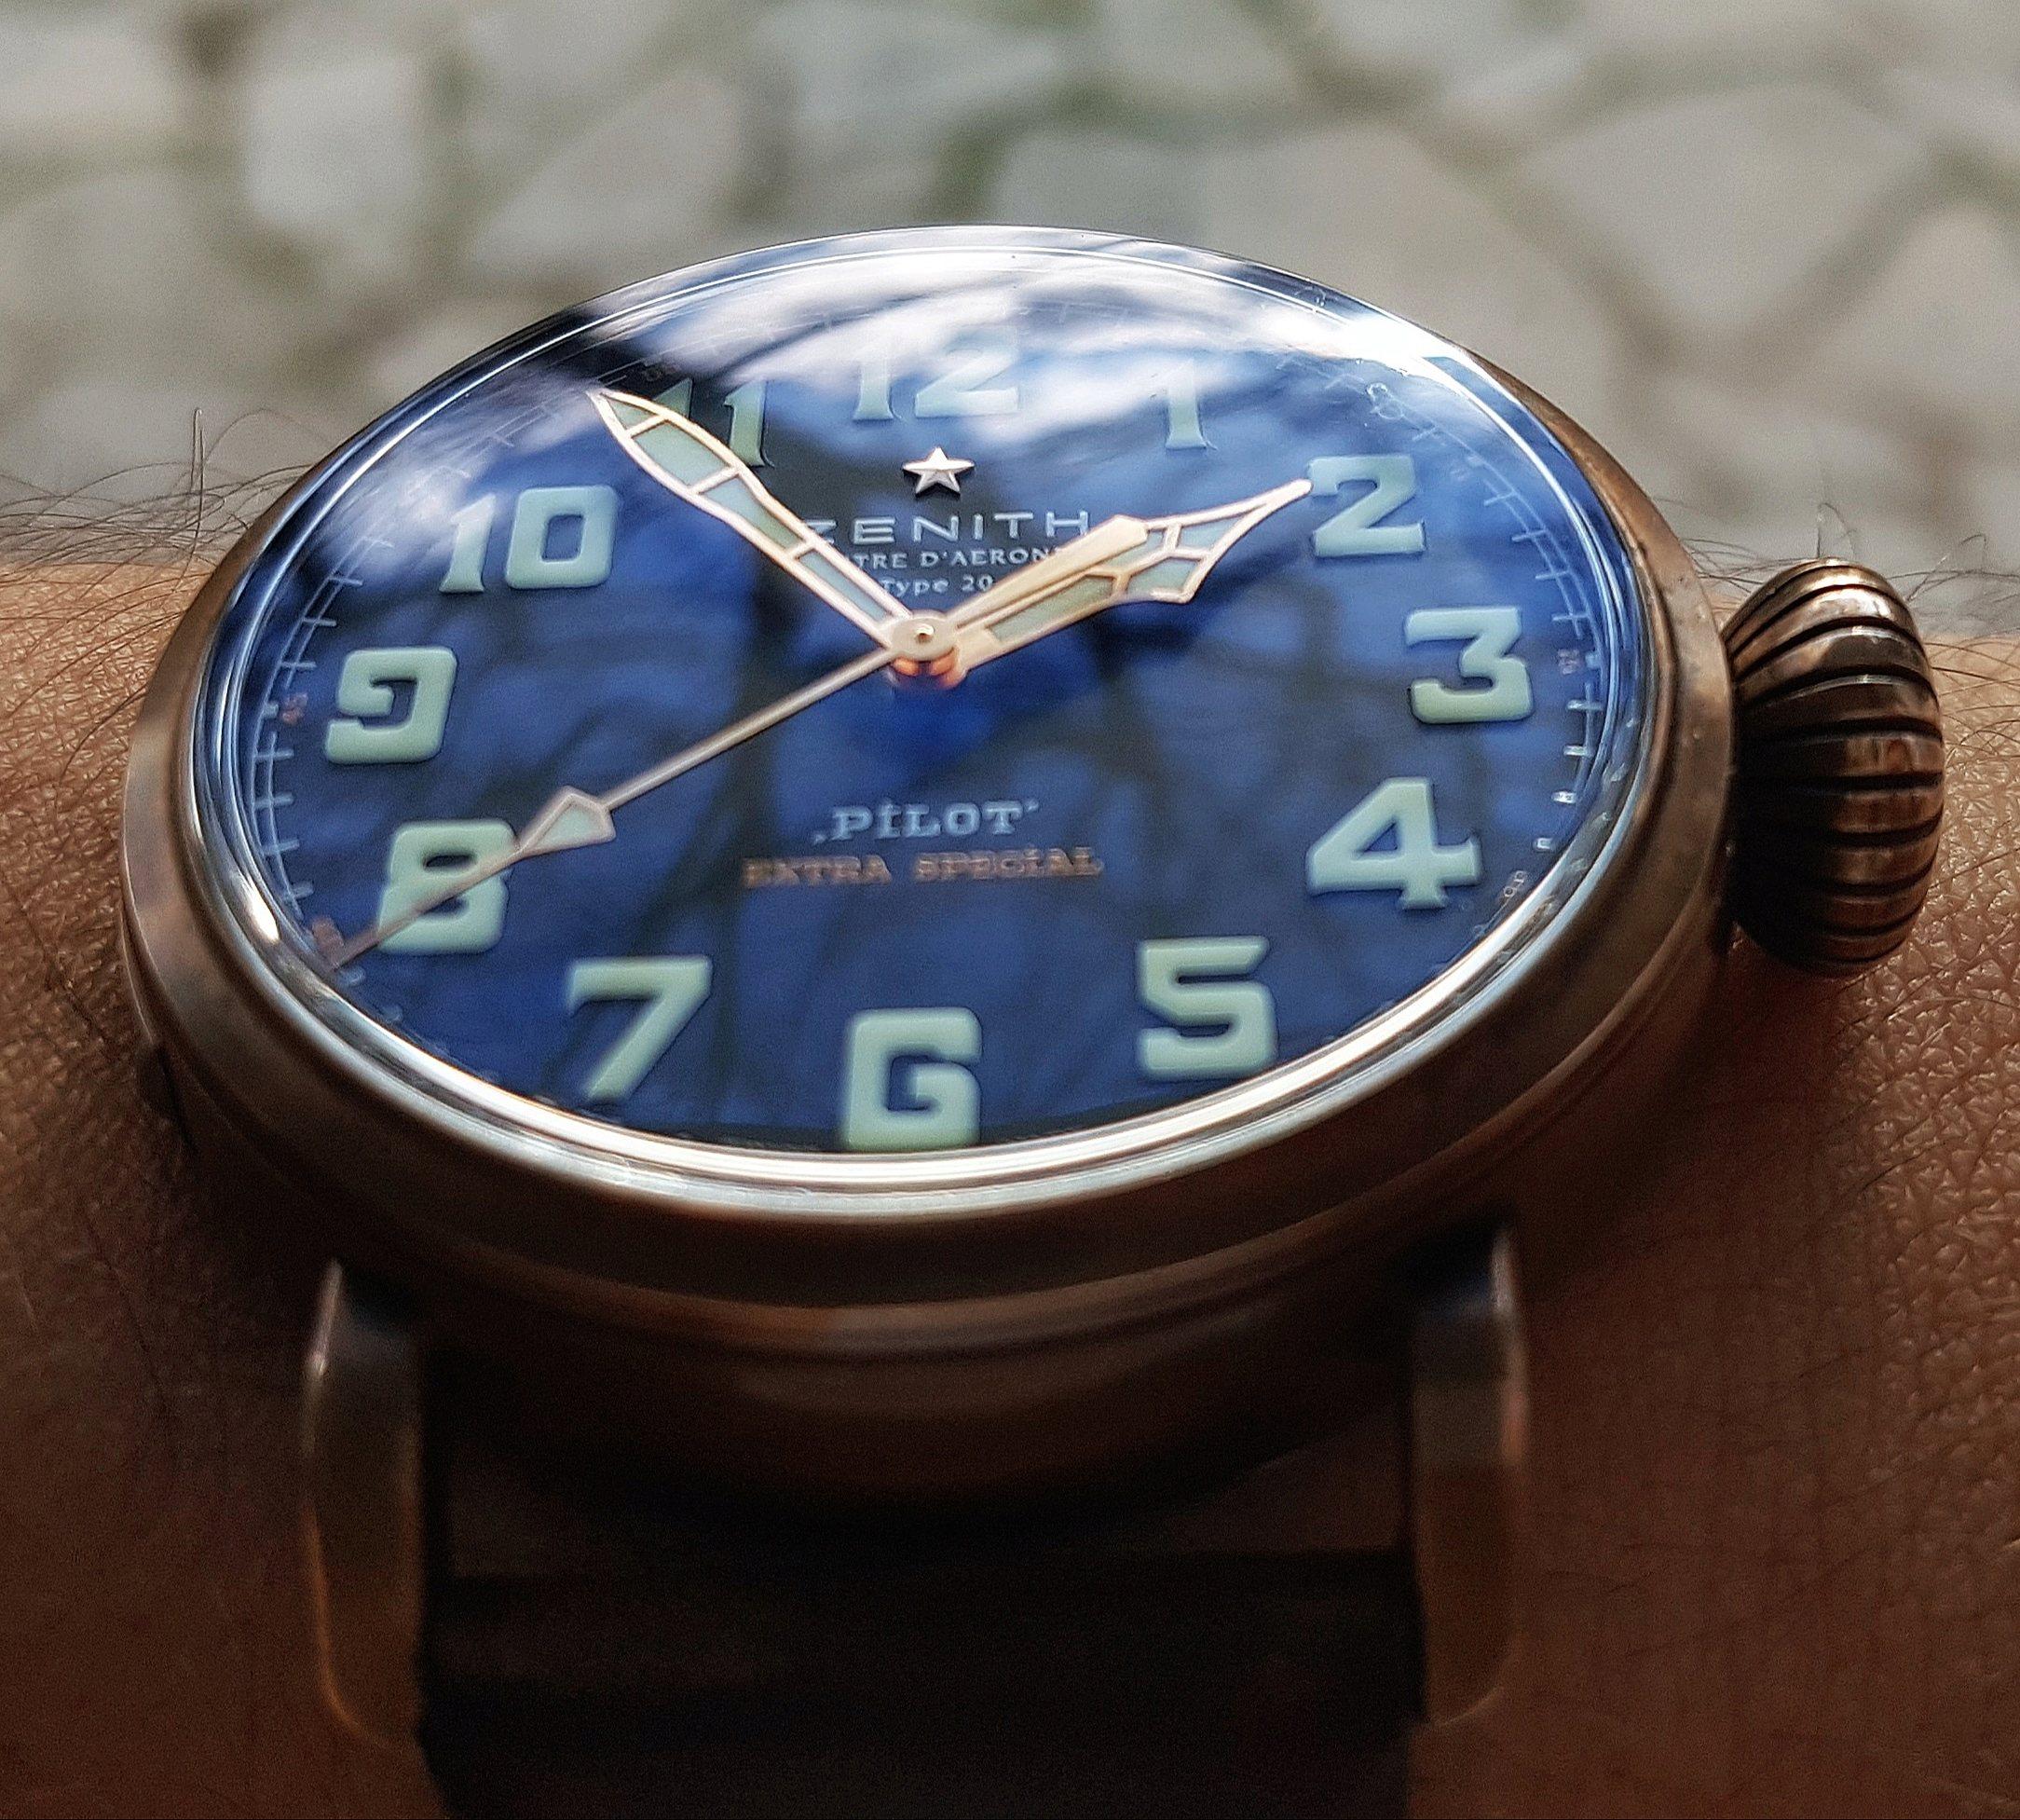 La montre de pilote par excellence - Pilot Type 20 Extra Special - Page 3 Img_2069